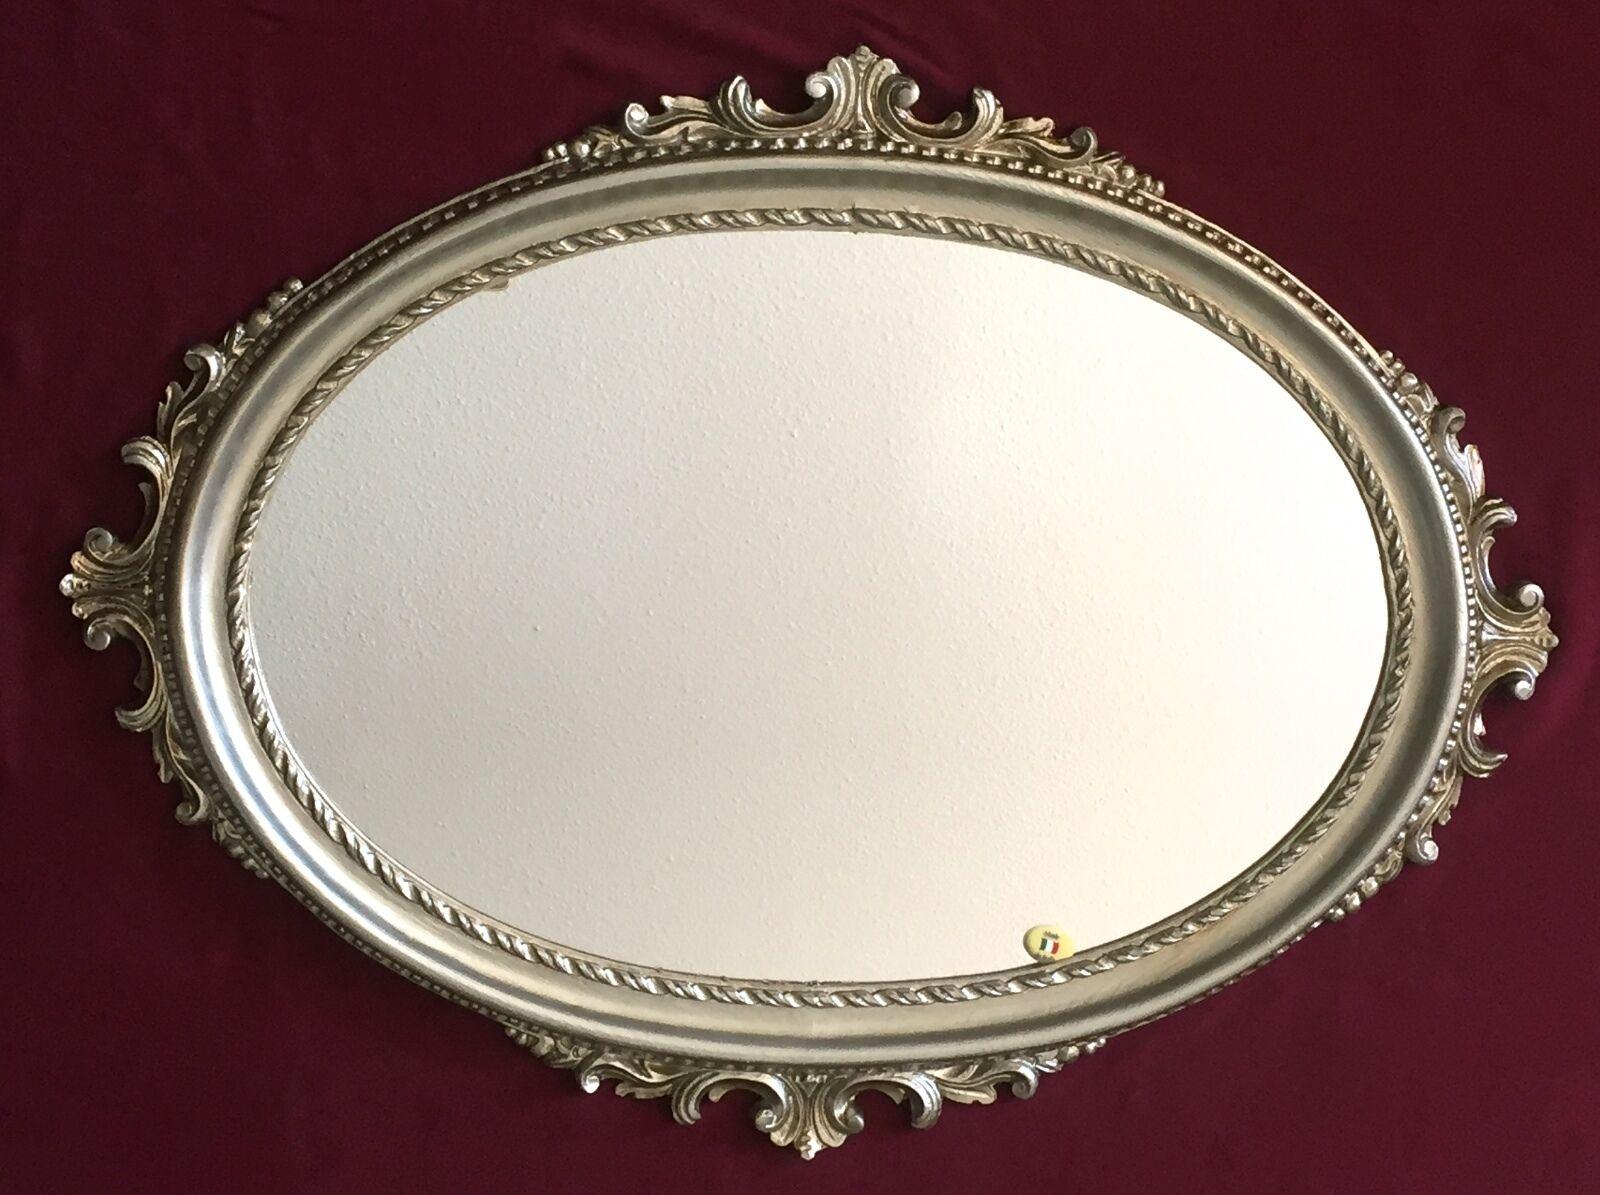 Wandspiegel antik silber oval barock badspiegel spiegel for Spiegel oval silber